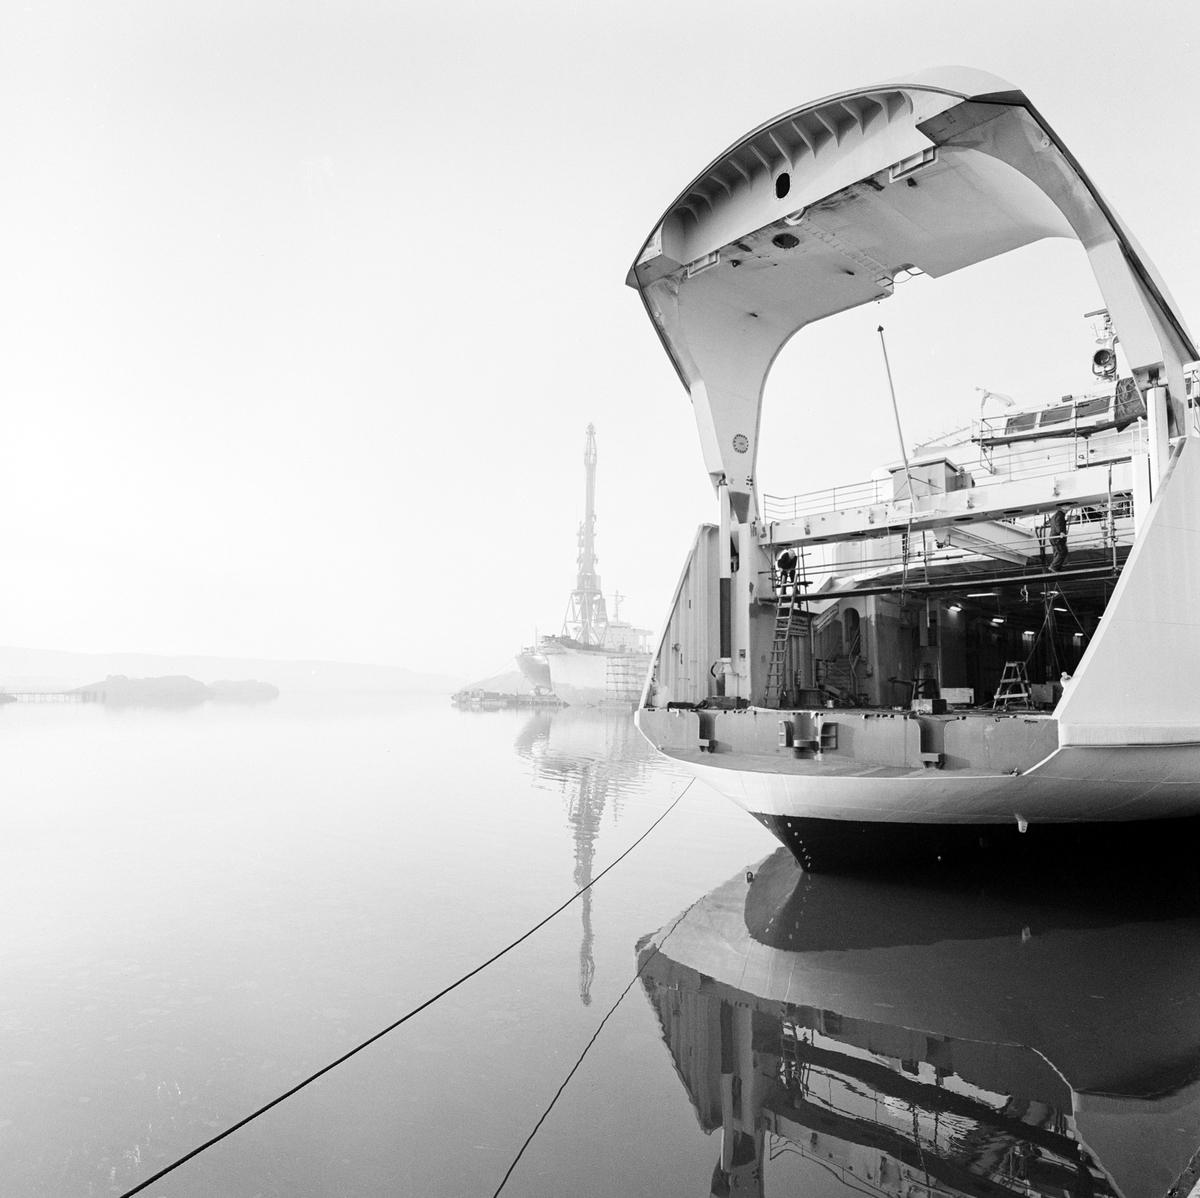 Tågfärja Skåne. Nybygge vid Uddevallavarvet. Tågfärja beställd 1965, för Statens Järnvägar